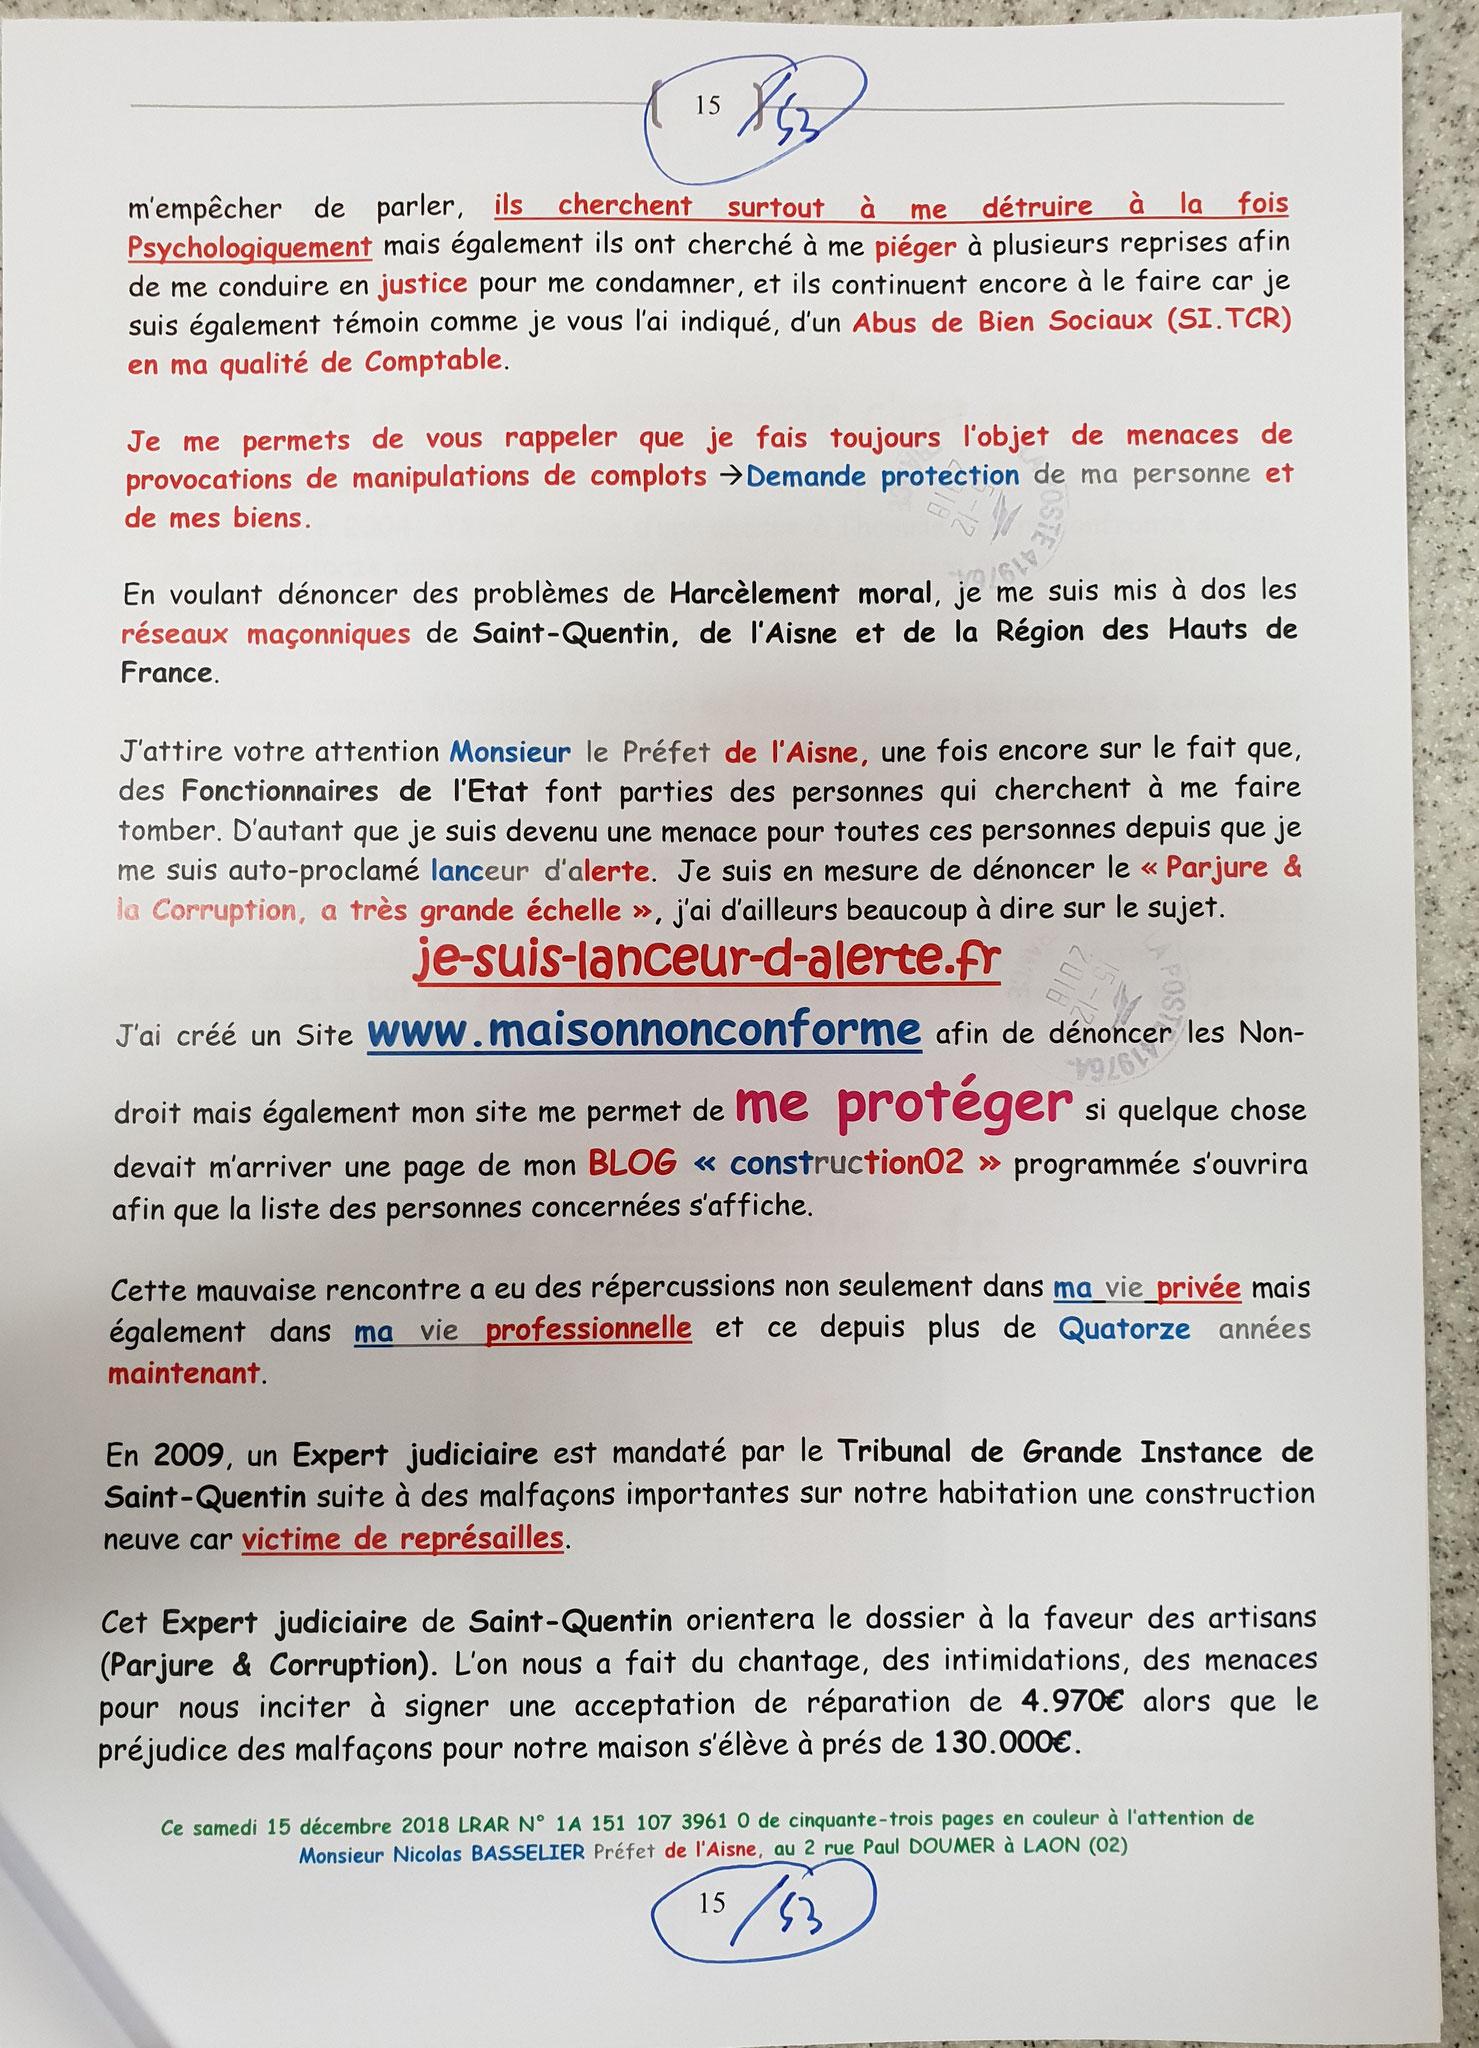 Demande Protection de ma Personne et de mes Biens... Ma Lettre recommandée adressé le 15 Décembre 2018 à Monsieur Nicolas BASSELIER le Préfet de l'Aisne (Sans Réponse!!!) www.jenesuispasunchien.fr www.jesuisvictime.fr www.jesuispatrick.fr NE RENONCEZ PAS